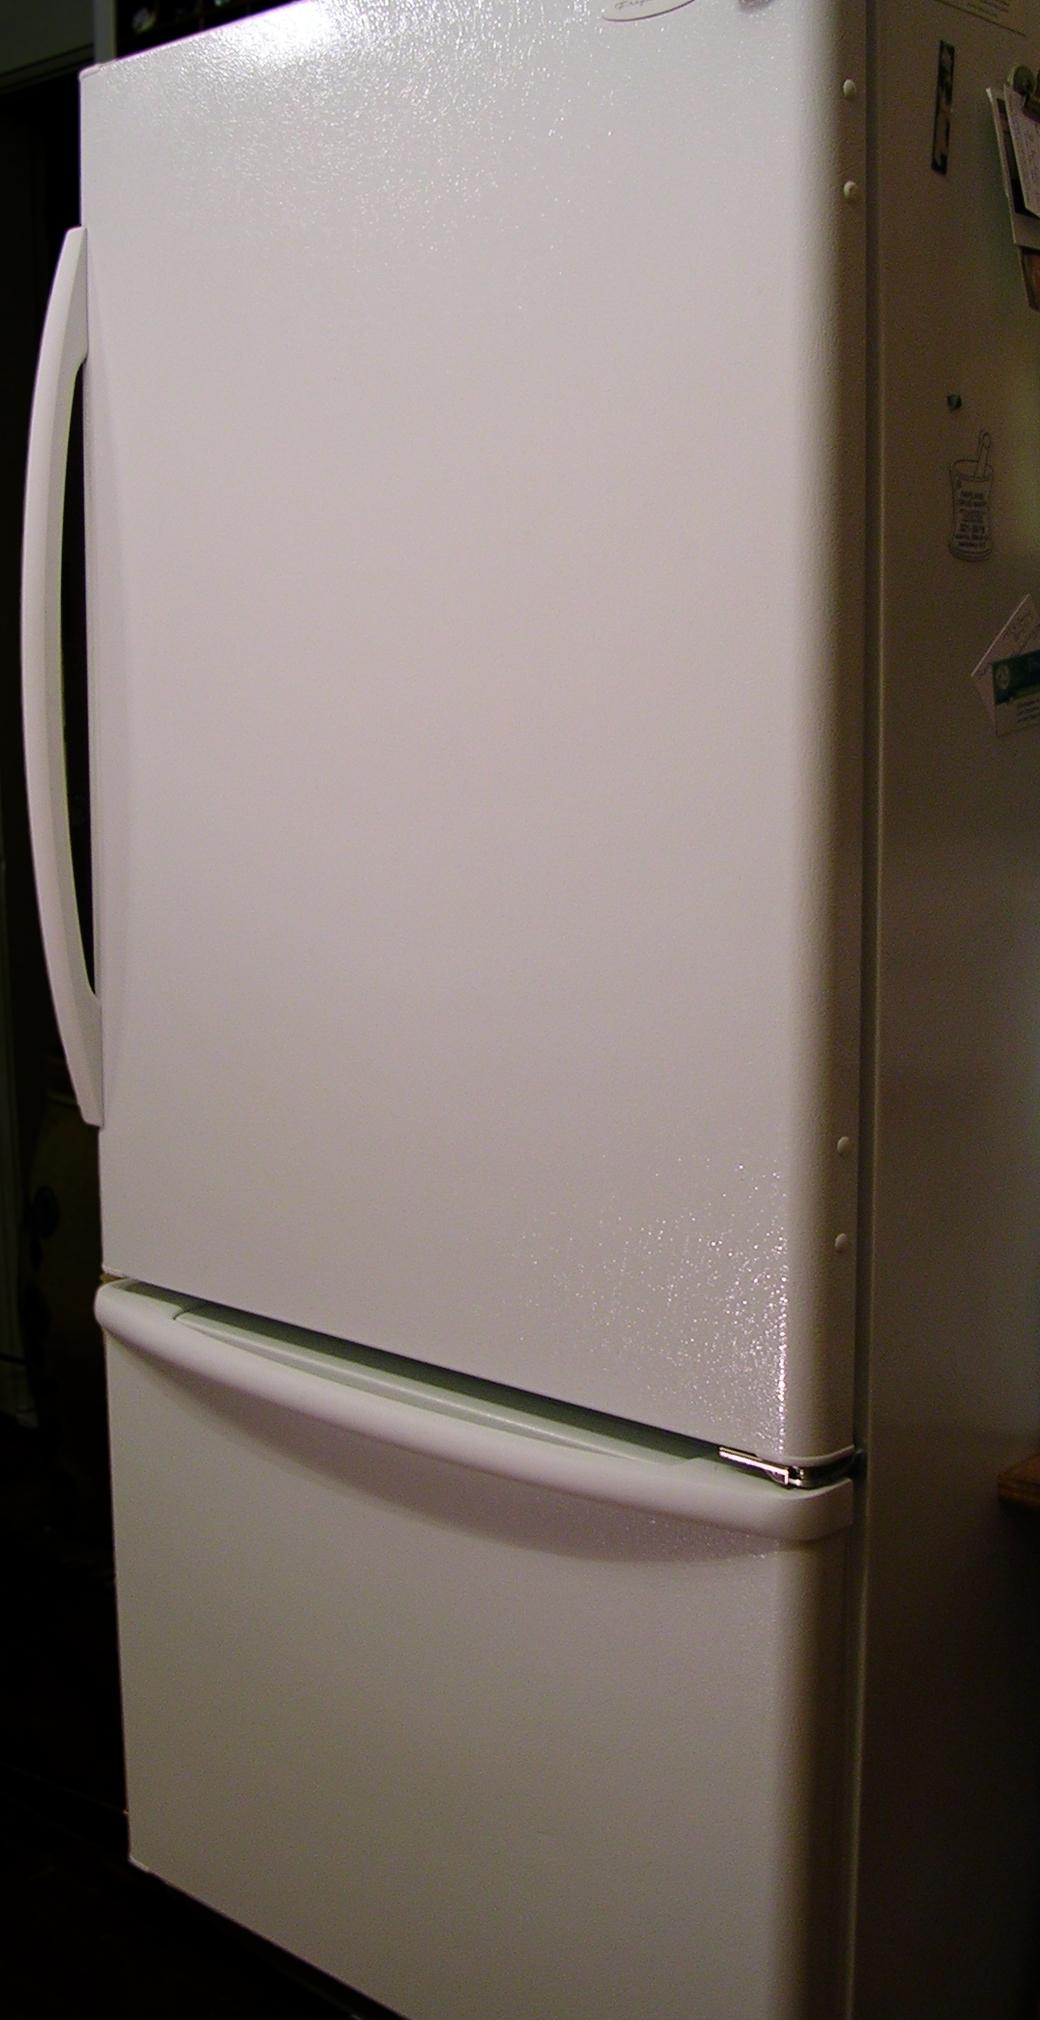 電磁派測定器を買ってみた話。冷蔵庫の裏側が・・・